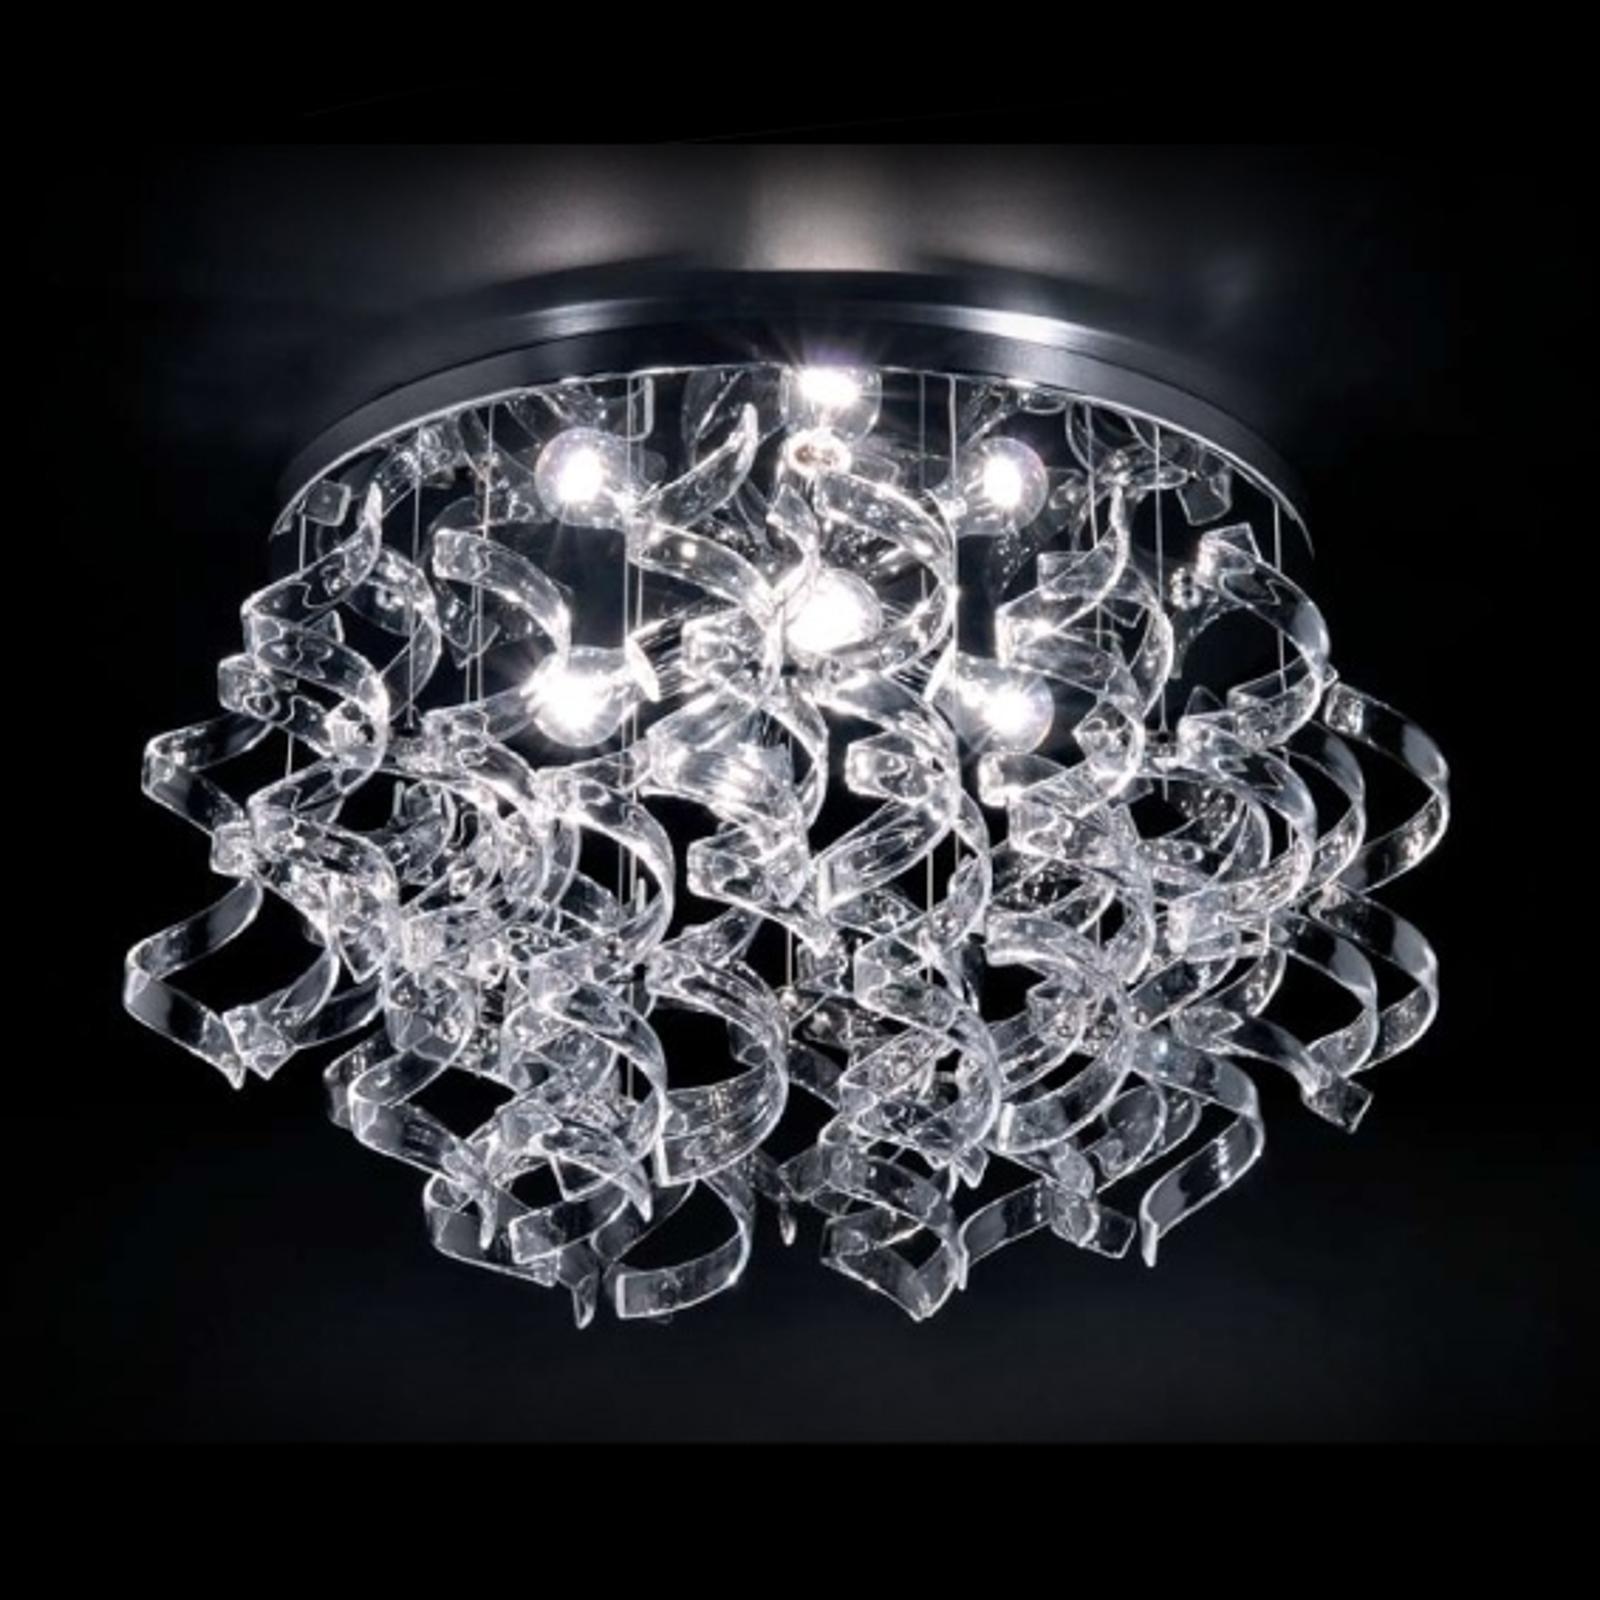 Przezroczysta lampa sufitowa Crystal średn. 70 cm